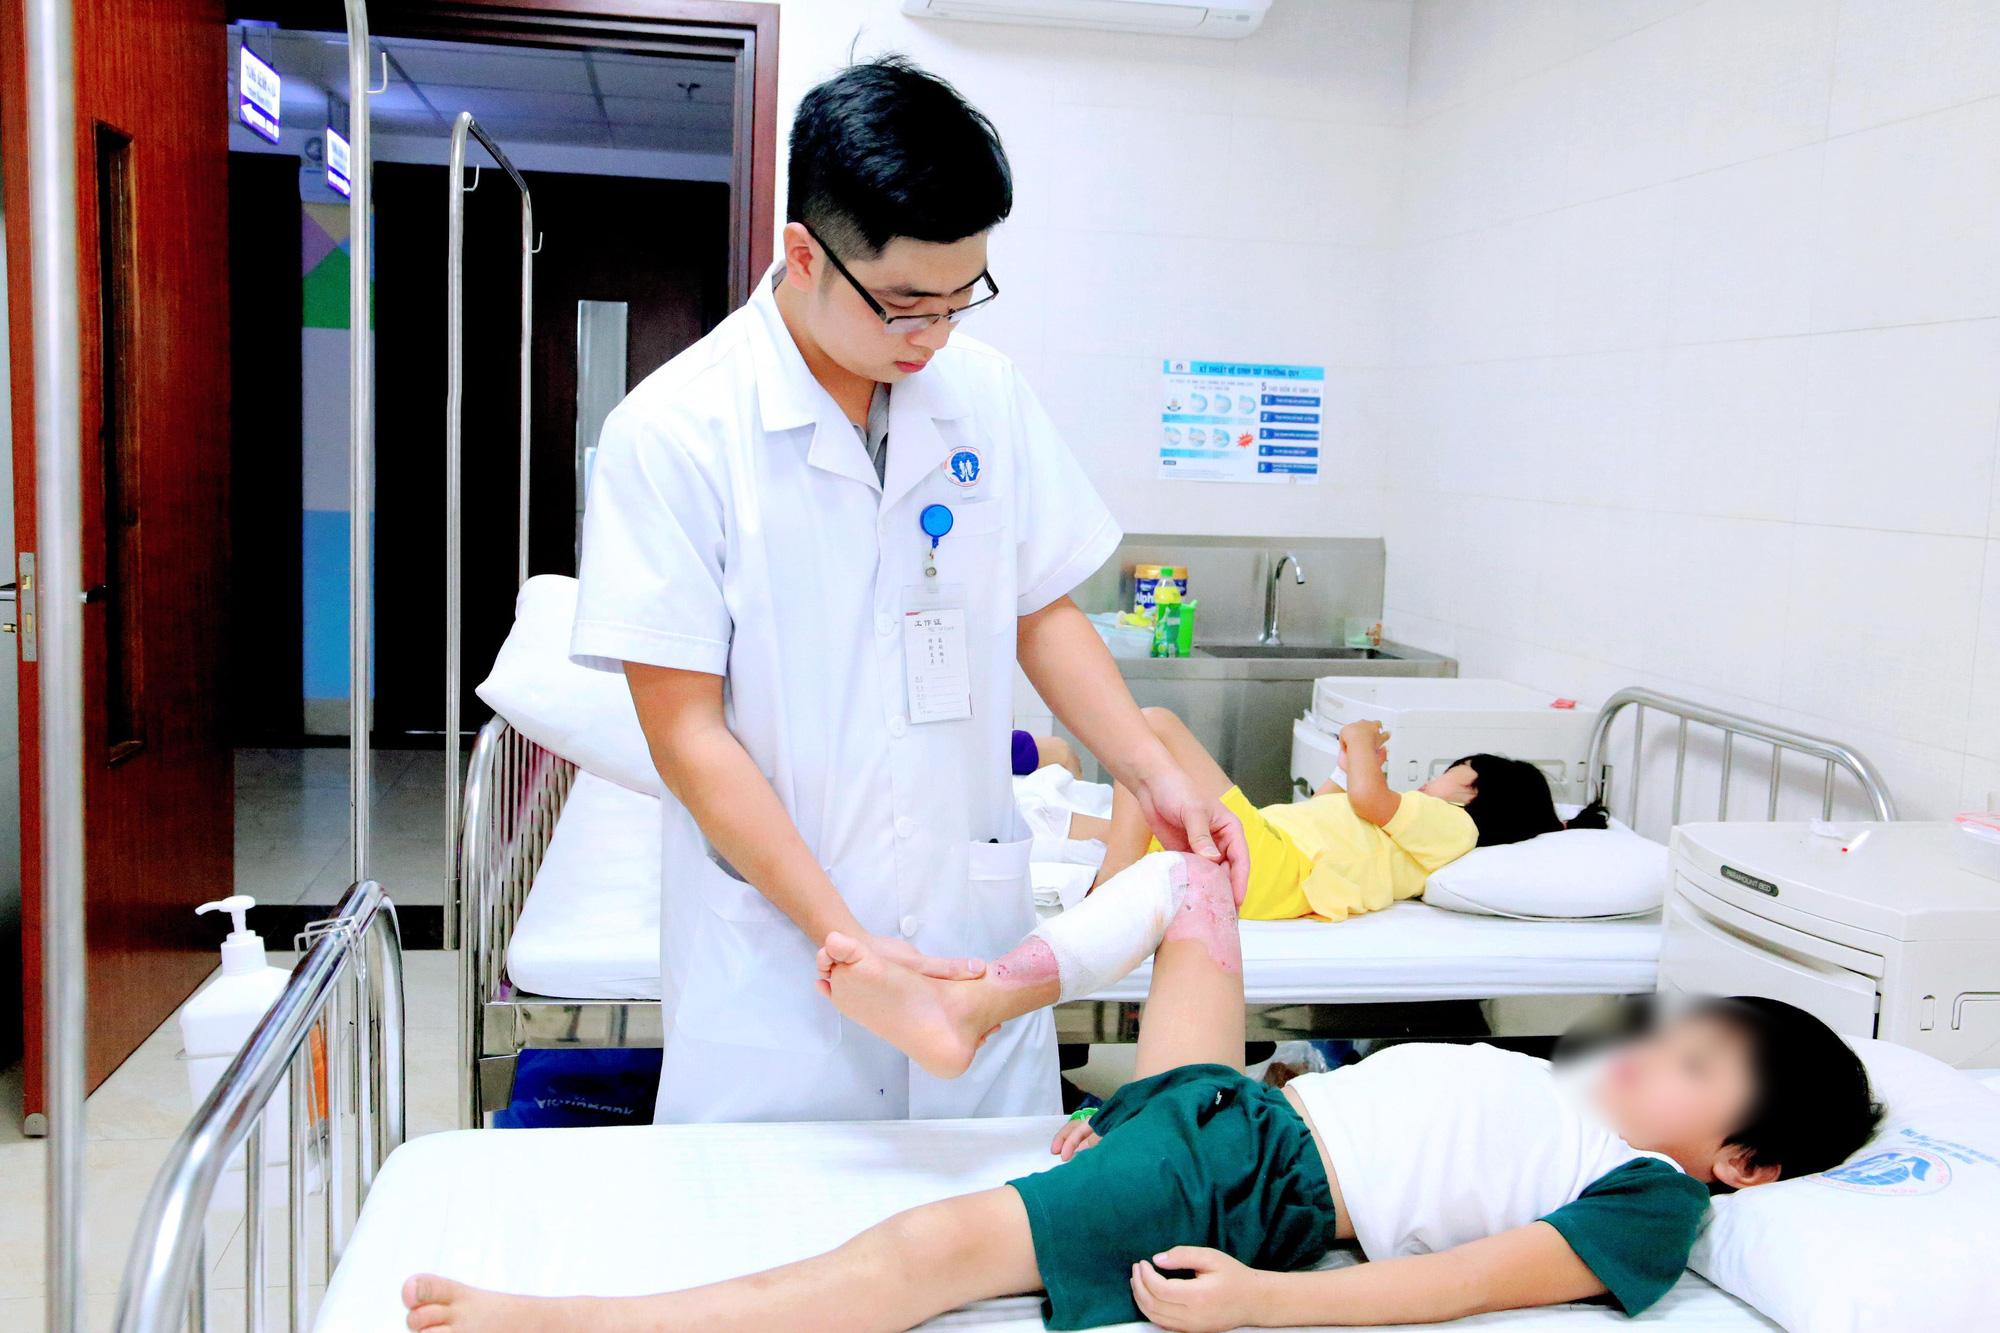 Bé trai 7 tuổi bị hoại tử vùng đùi và cẳng chân do gia đình tự ý điều trị bỏng, bác sĩ cảnh báo việc tuyệt đối không được làm khi bị bỏng-2